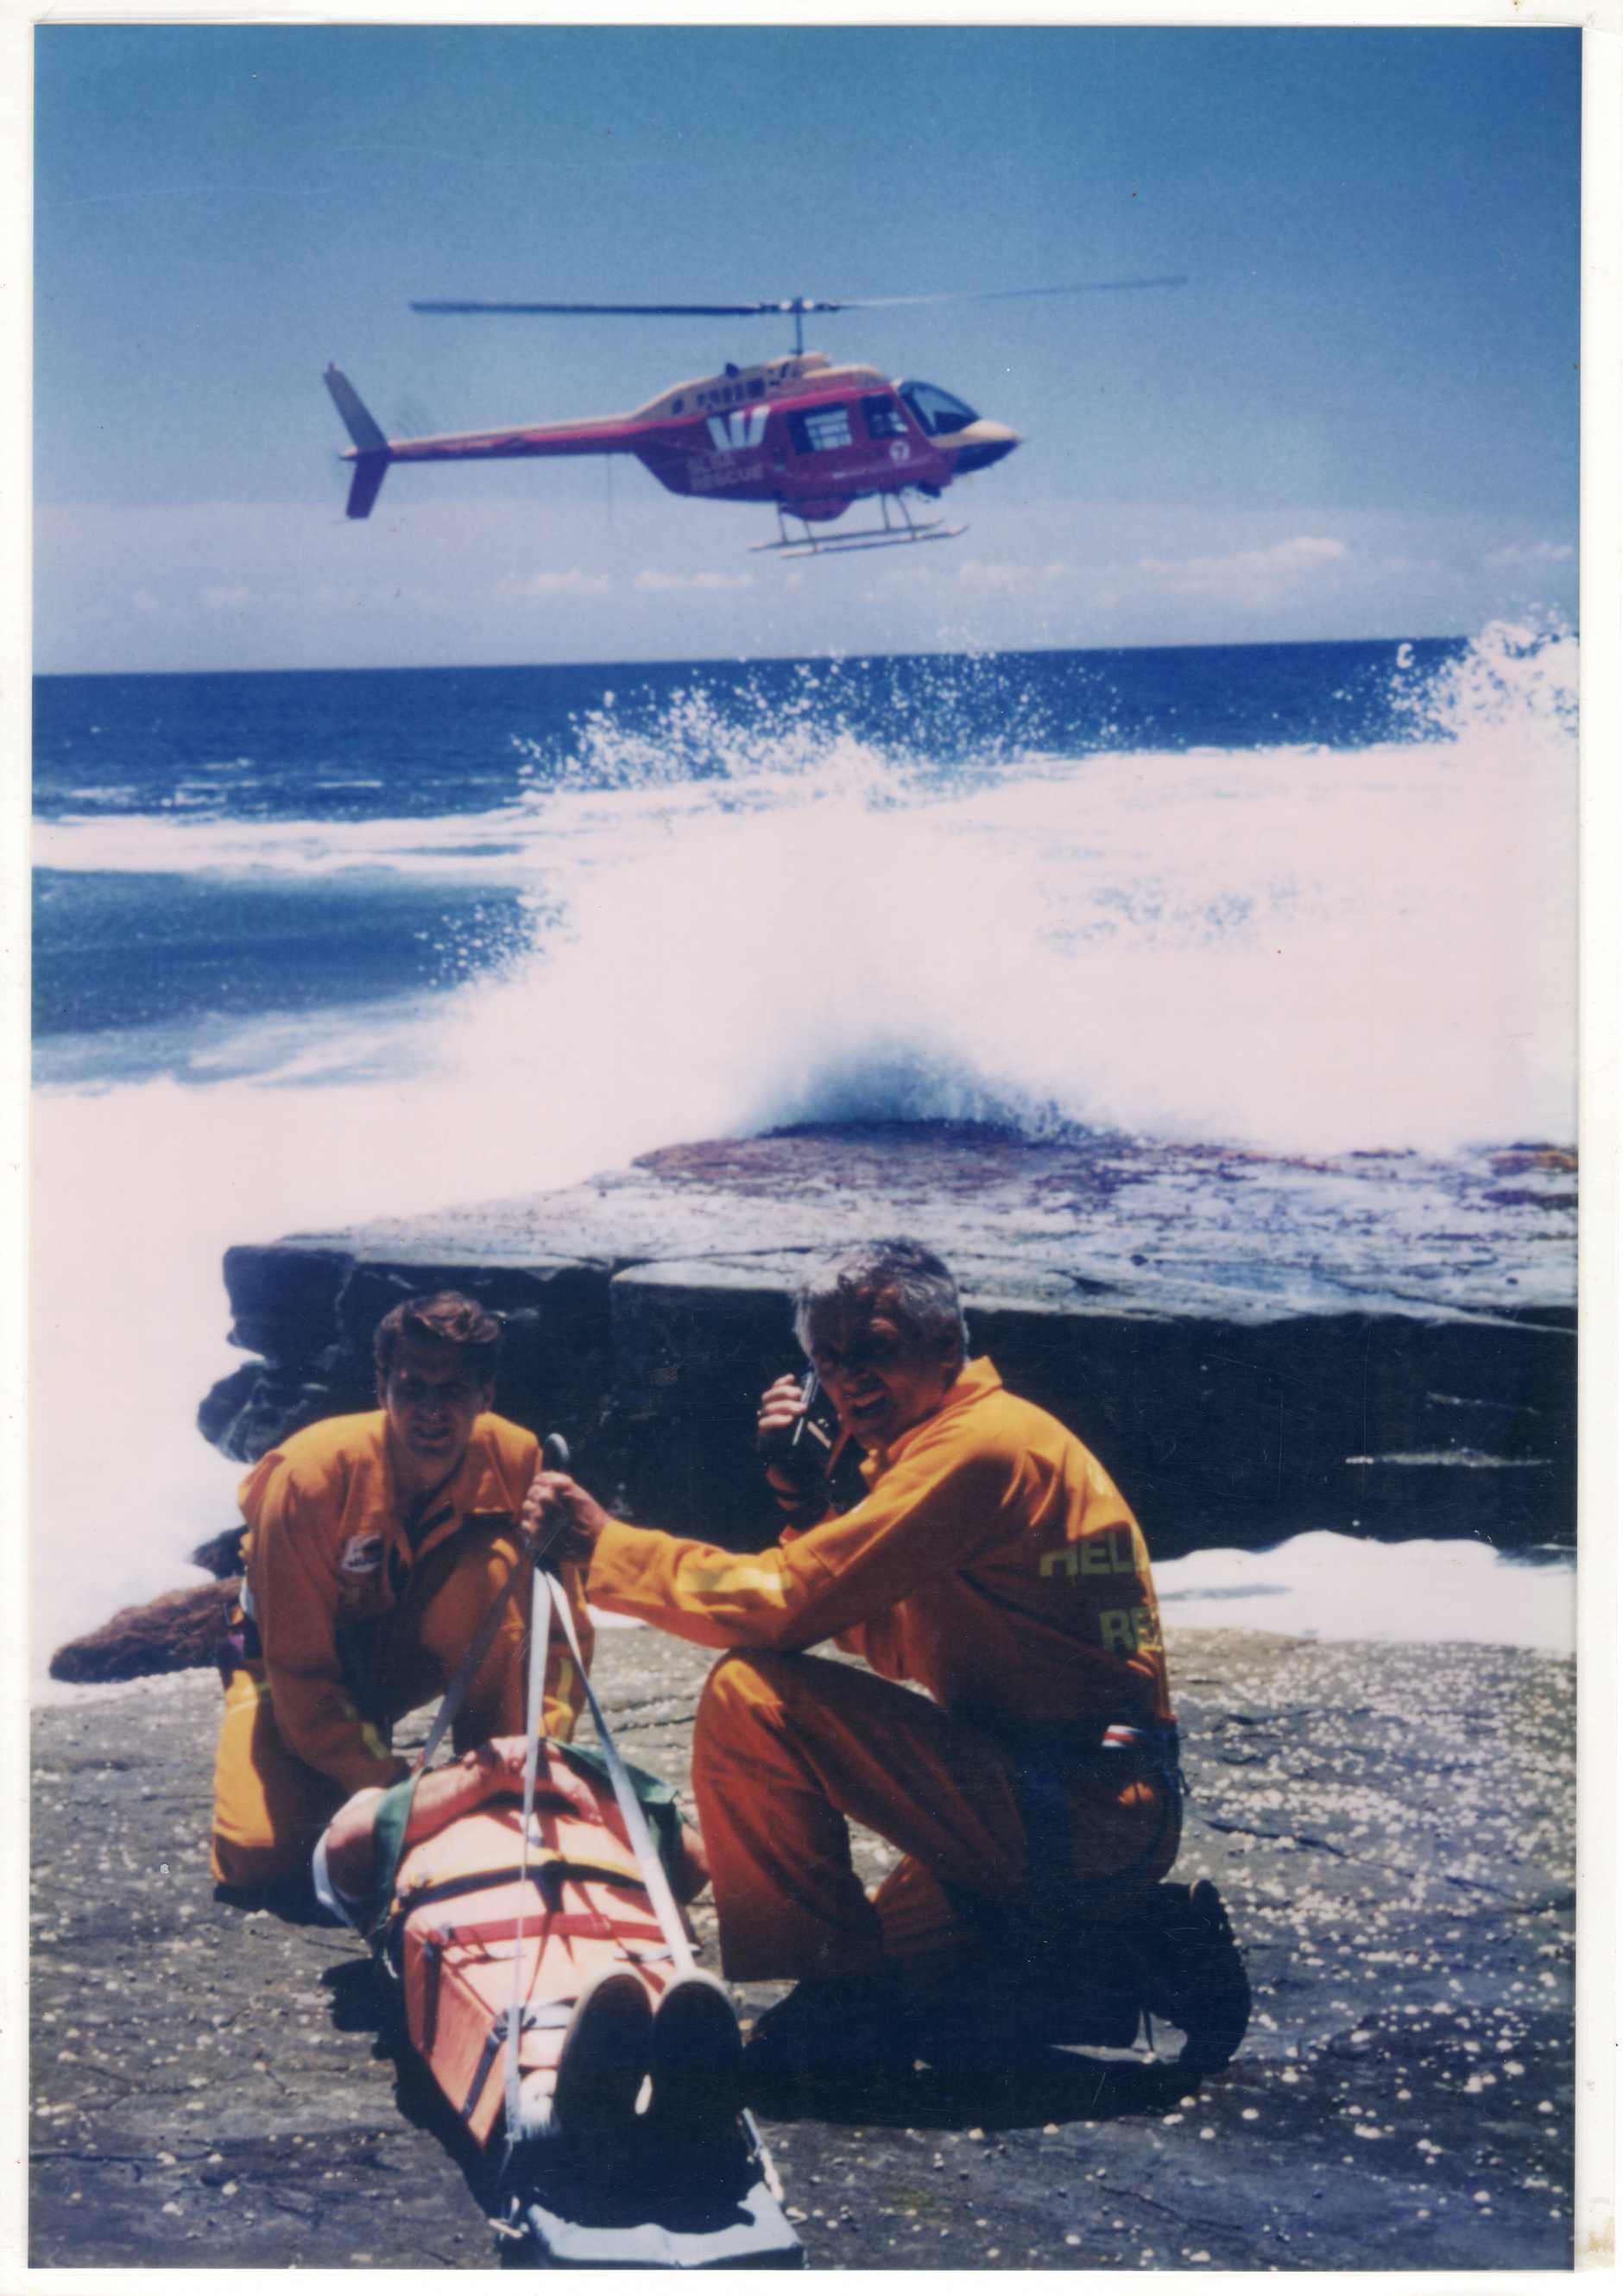 Former Westpac rescue helicopter crewmen Michael Perren (left) and Hayden Kenny in 1989.